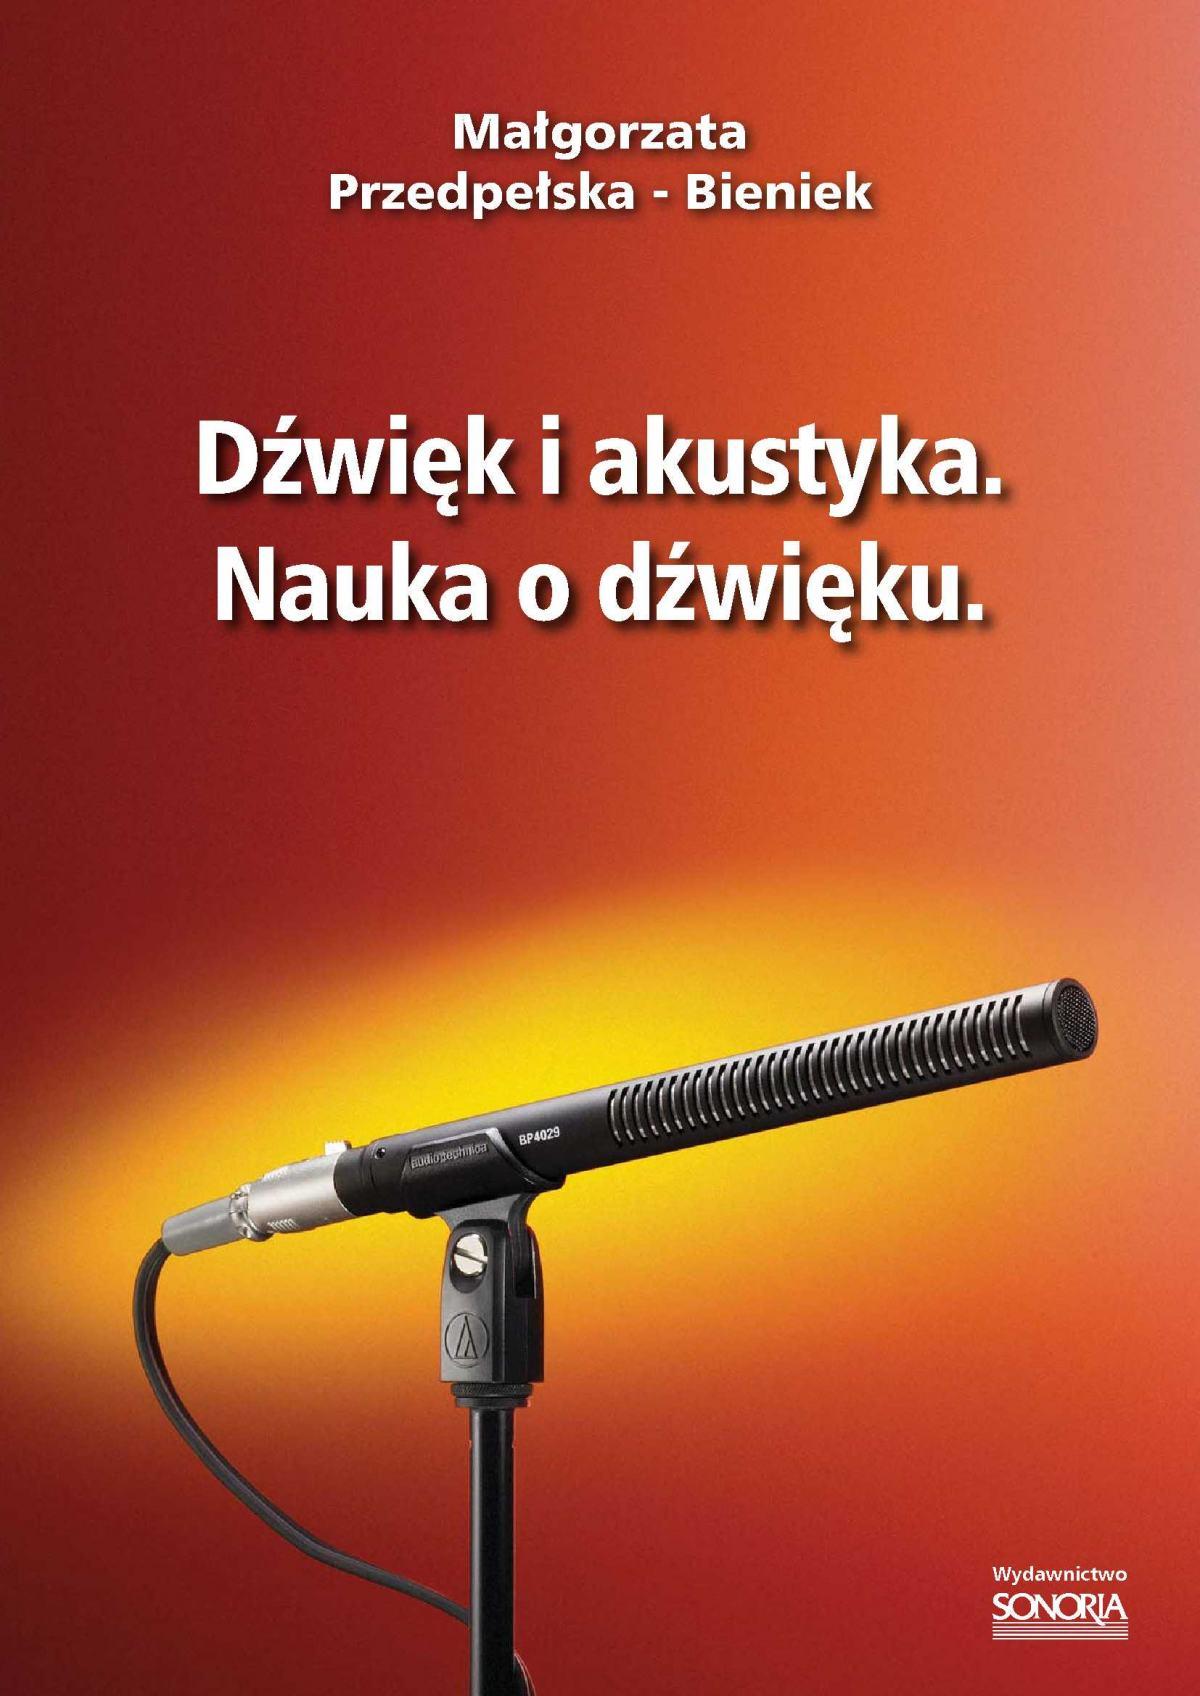 Dźwięk i akustyka. Nauka o dźwięku. - Ebook (Książka PDF) do pobrania w formacie PDF